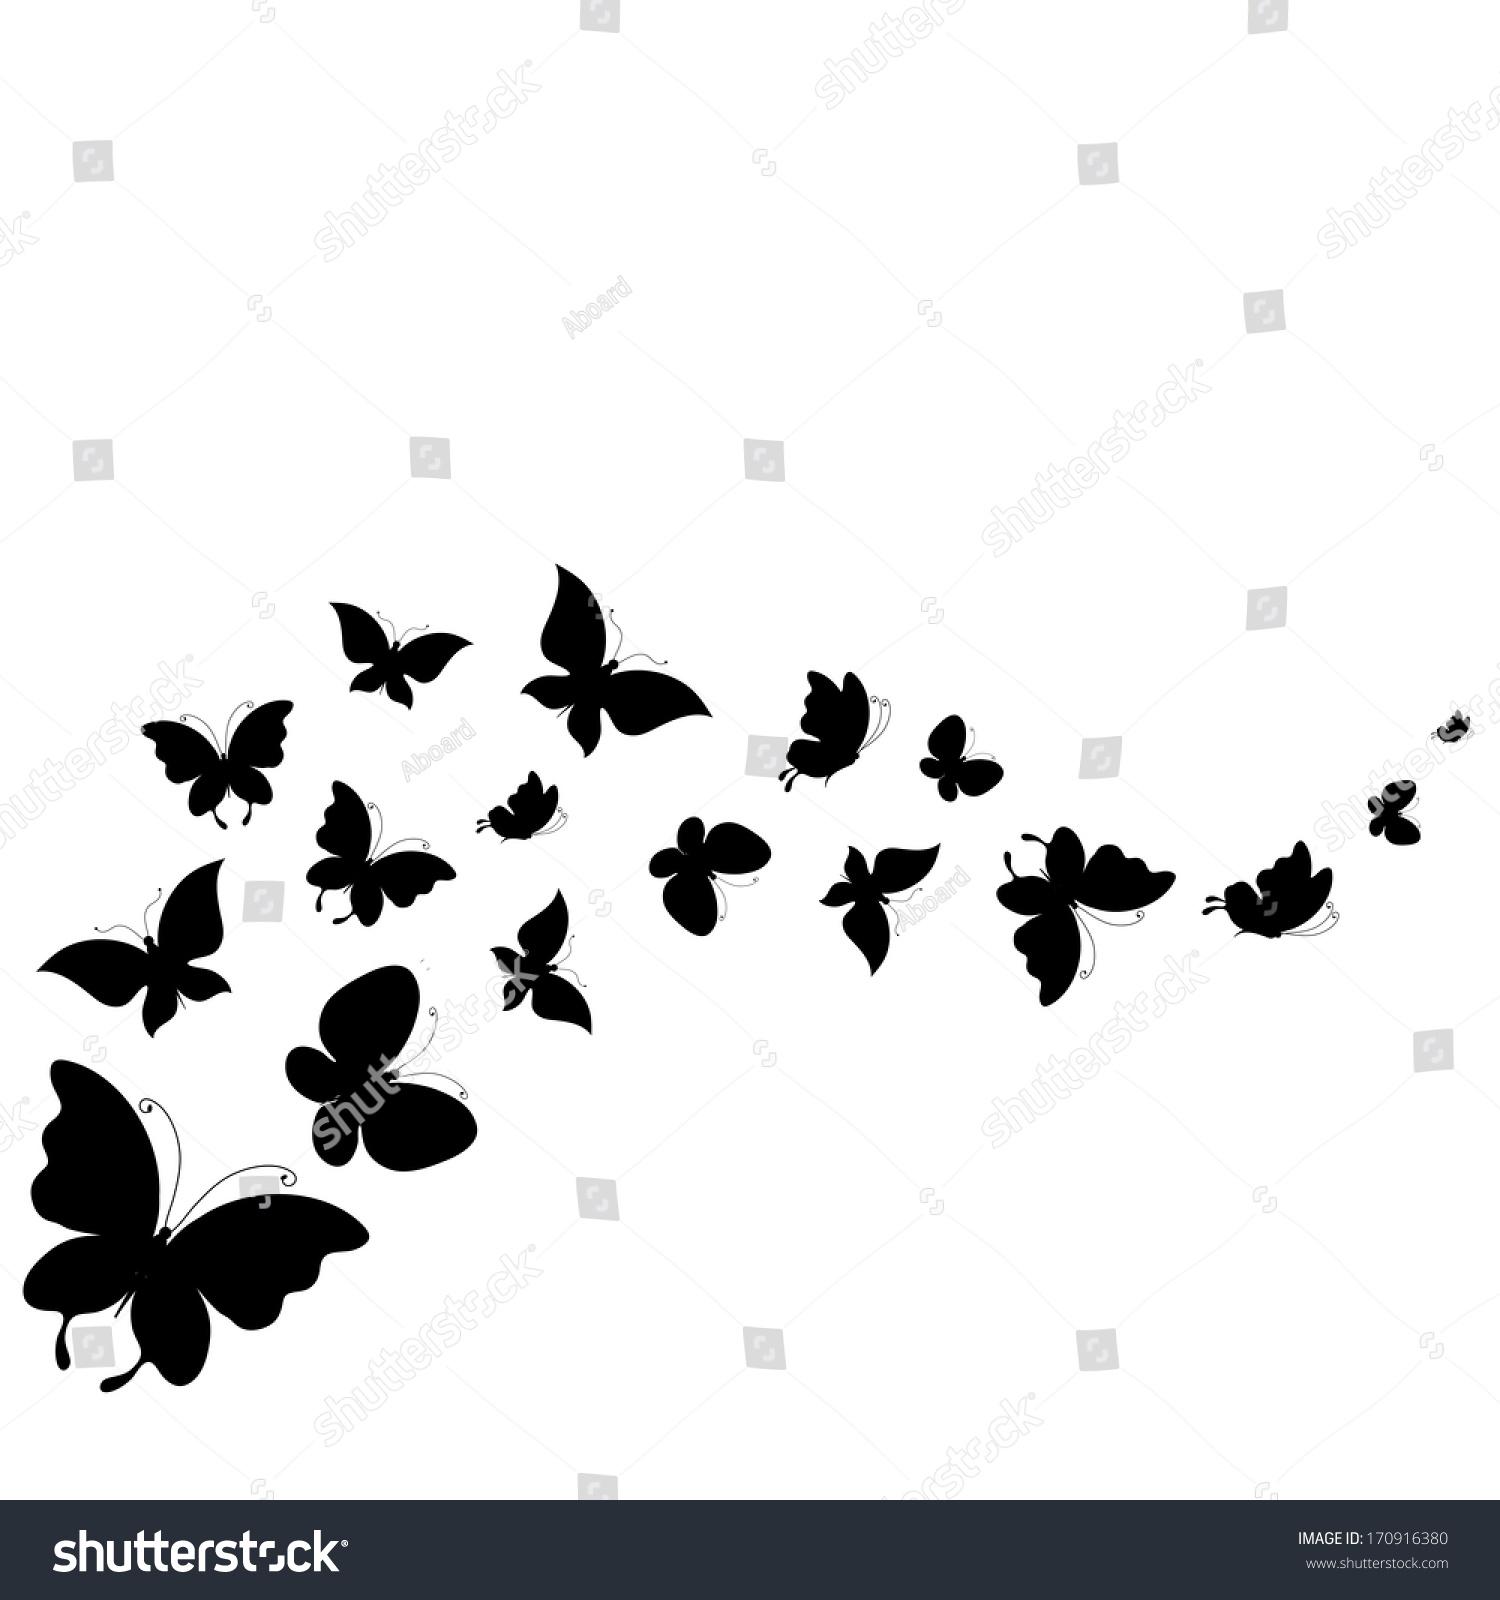 butterflies design stock vector 170916380 shutterstock